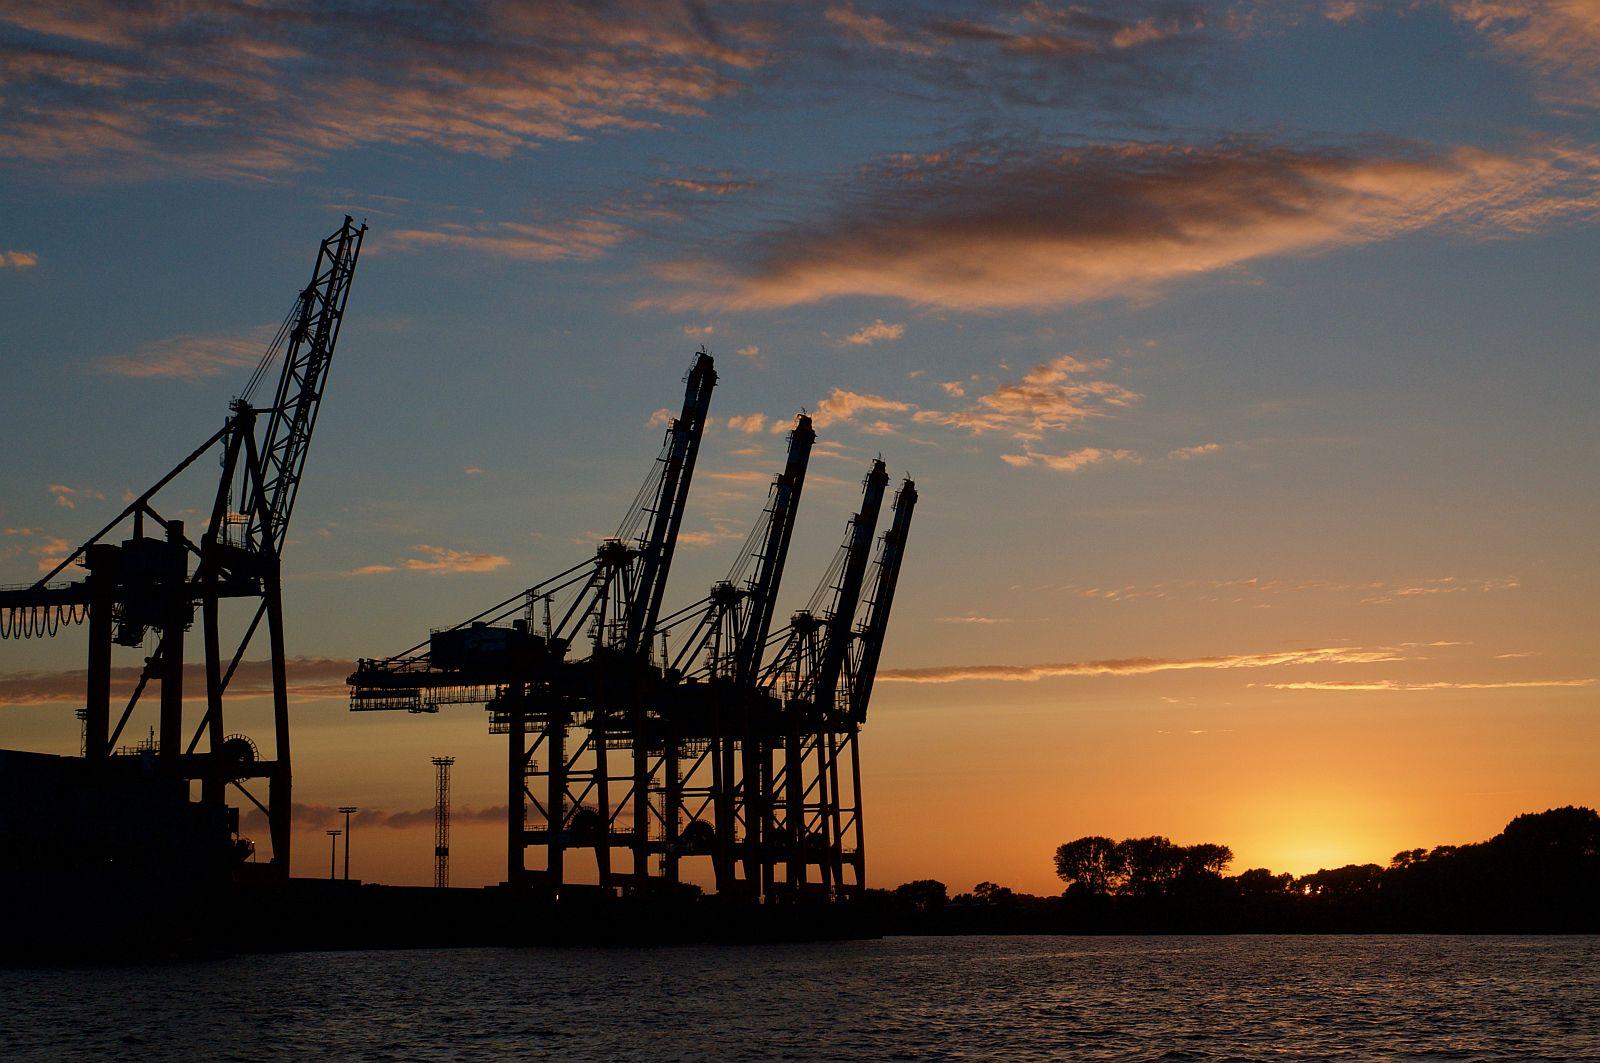 Oktober 2017: Sonnenuntergang im Hafen, Rolf Blütener